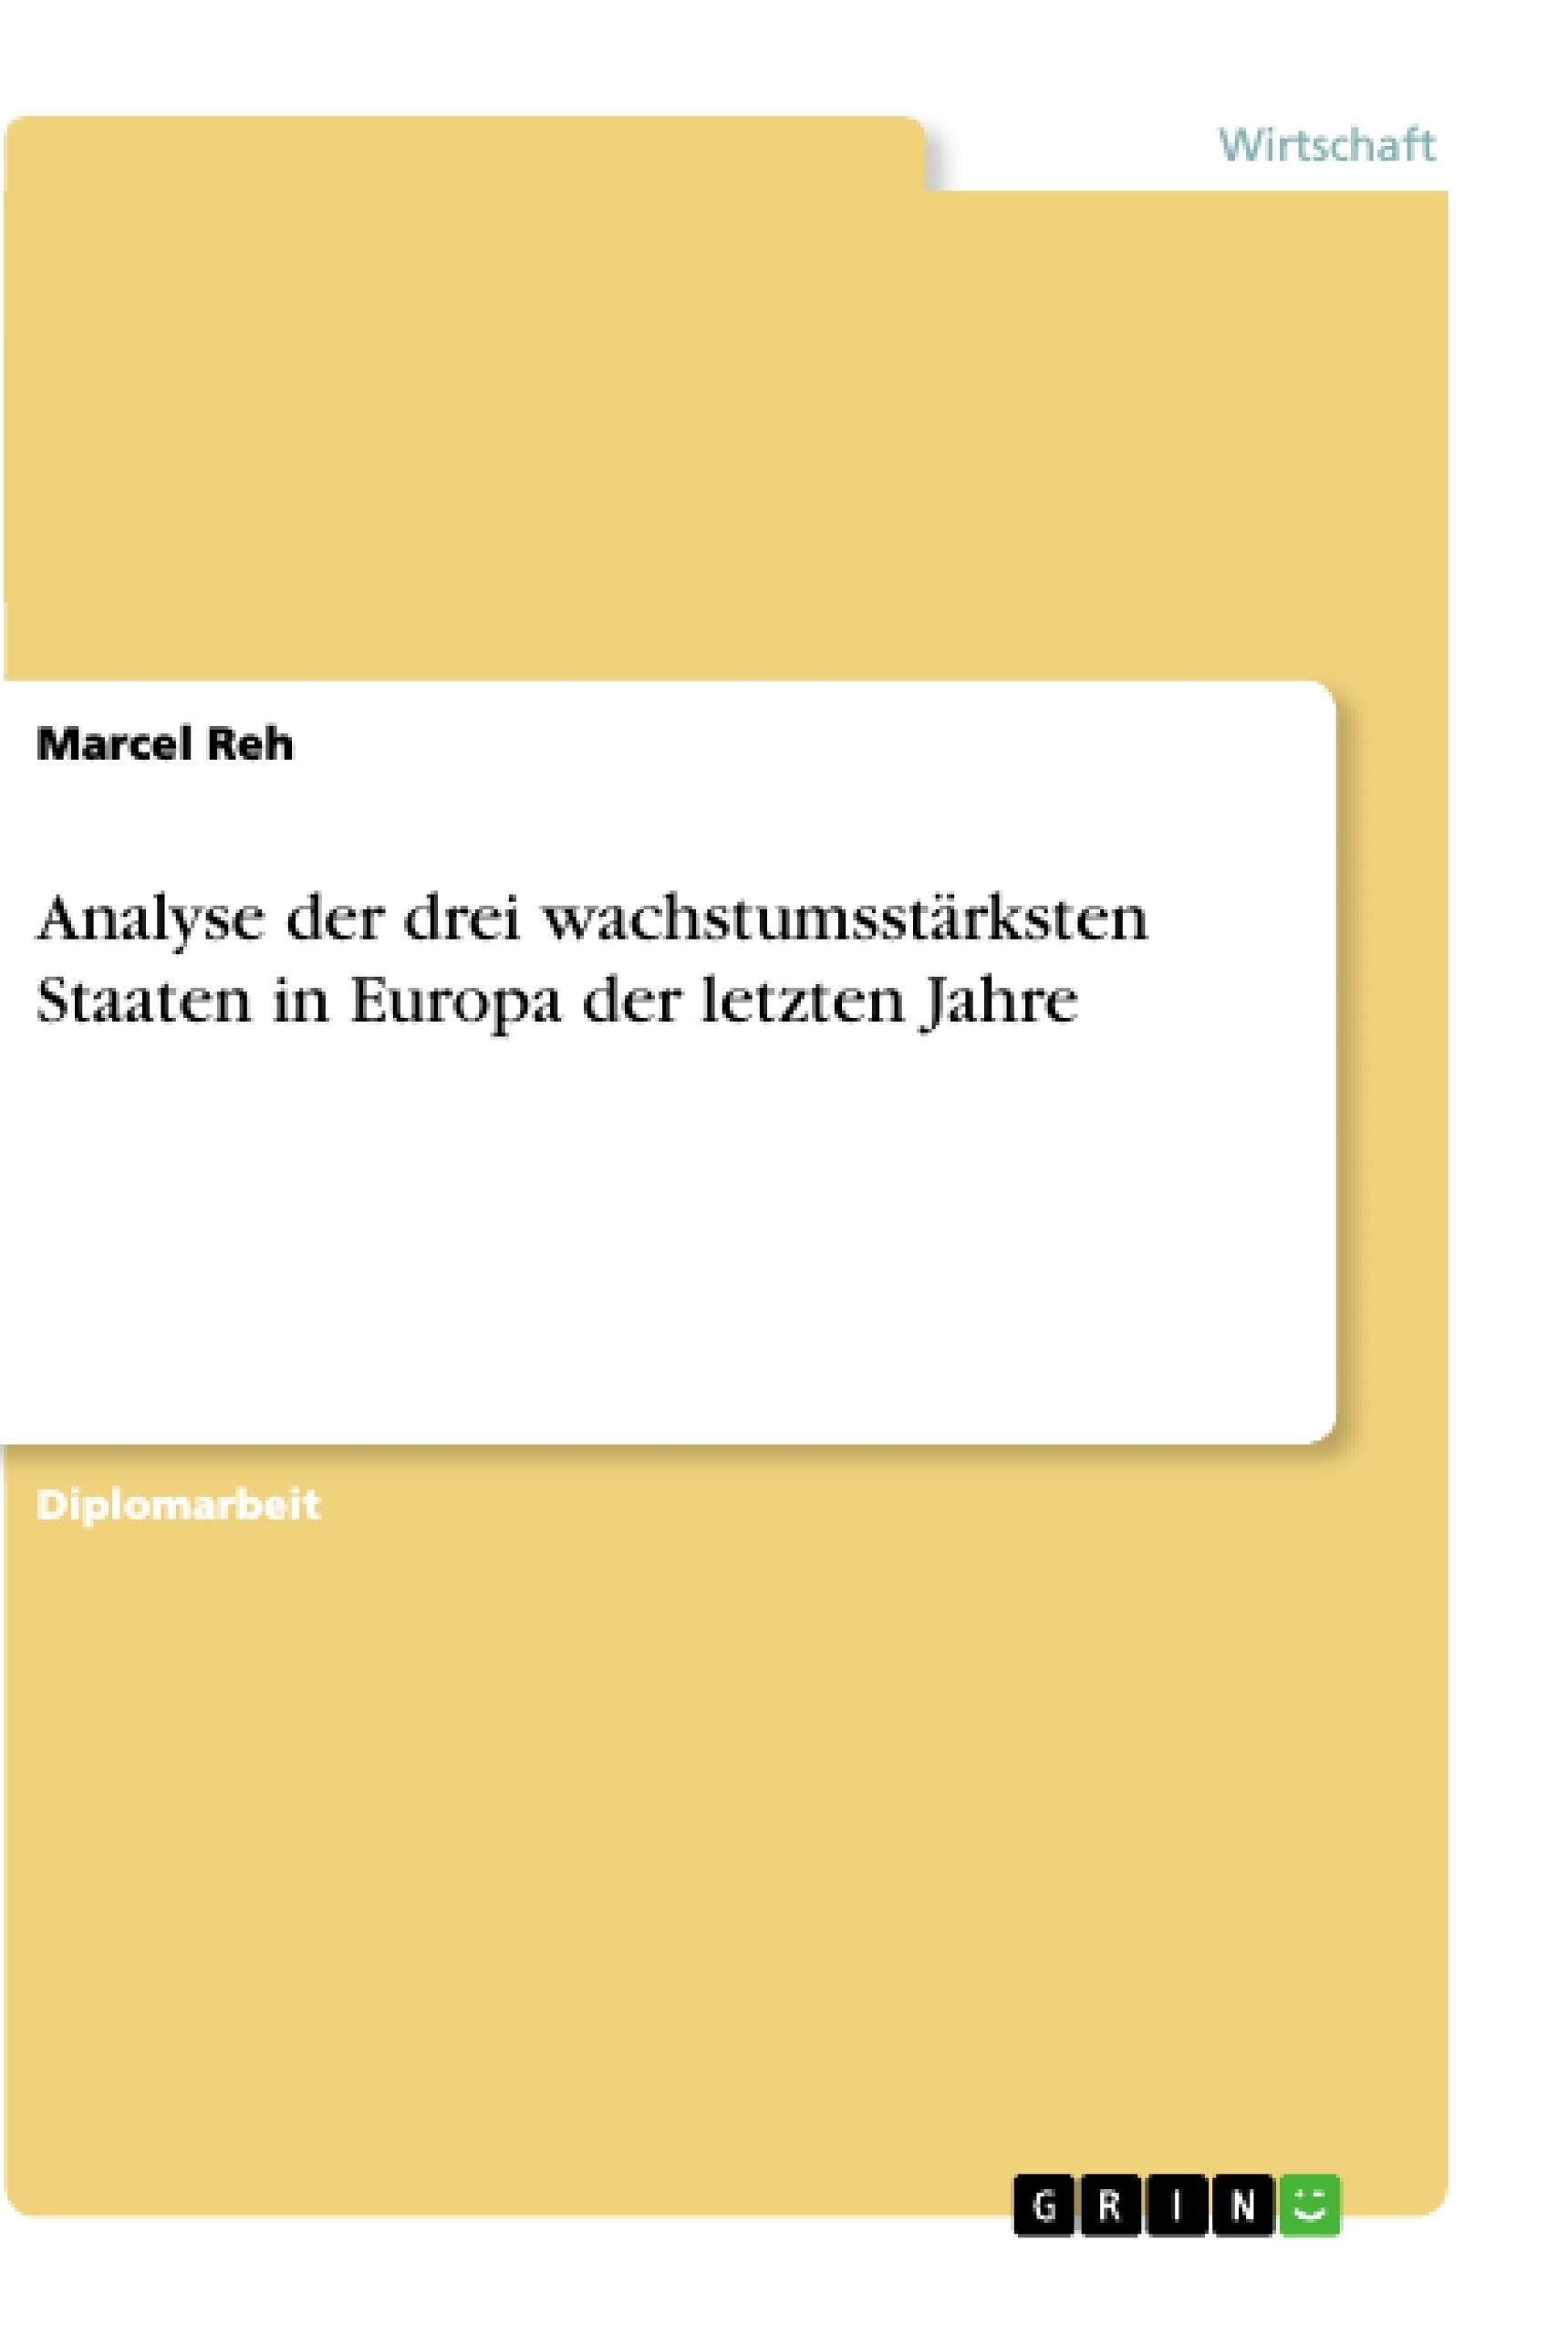 Titel: Analyse der drei wachstumsstärksten Staaten in Europa der letzten Jahre